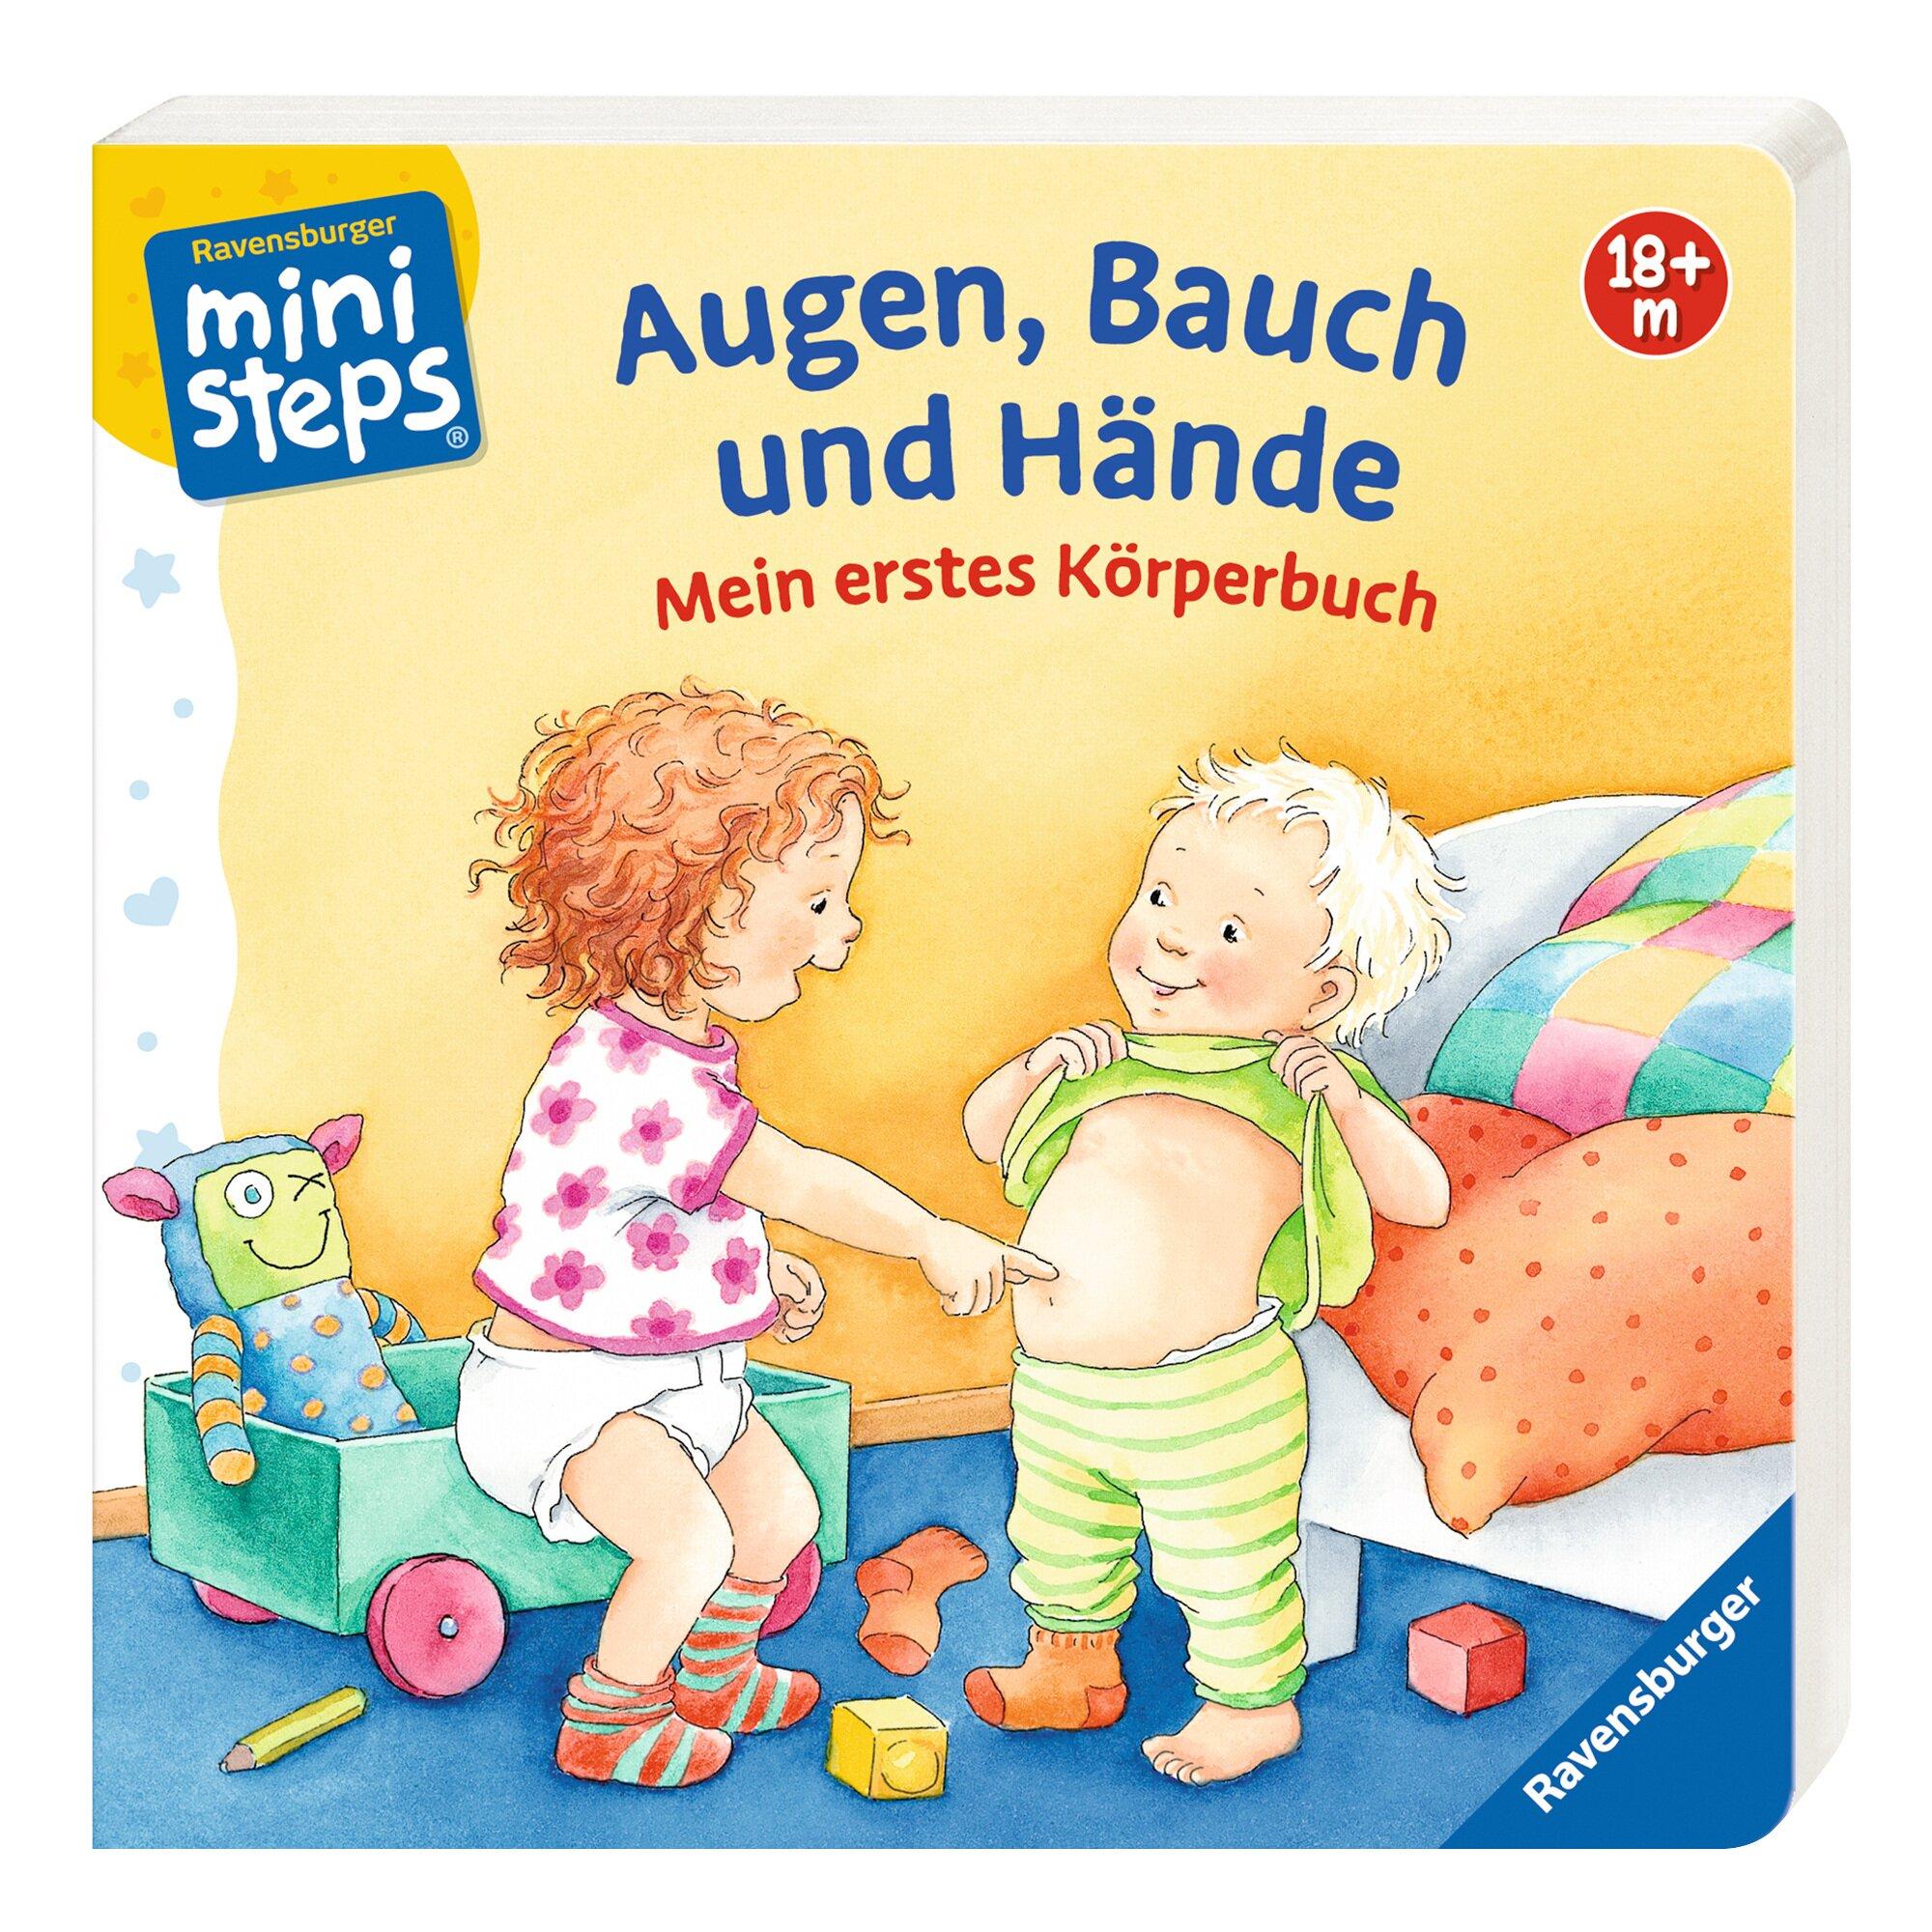 Ministeps Sachbuch Augen, Bauch und Hände - Mein erstes Körperbuch